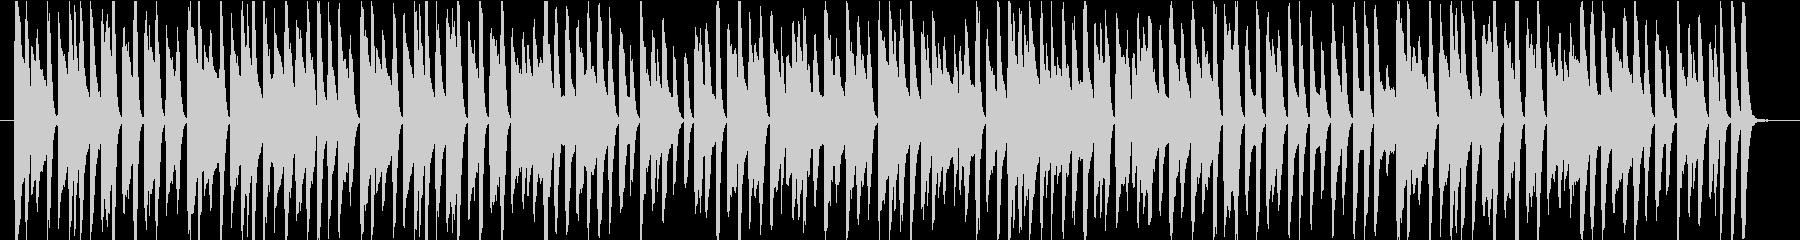 あやしくコミカルなピアノソロ2の未再生の波形